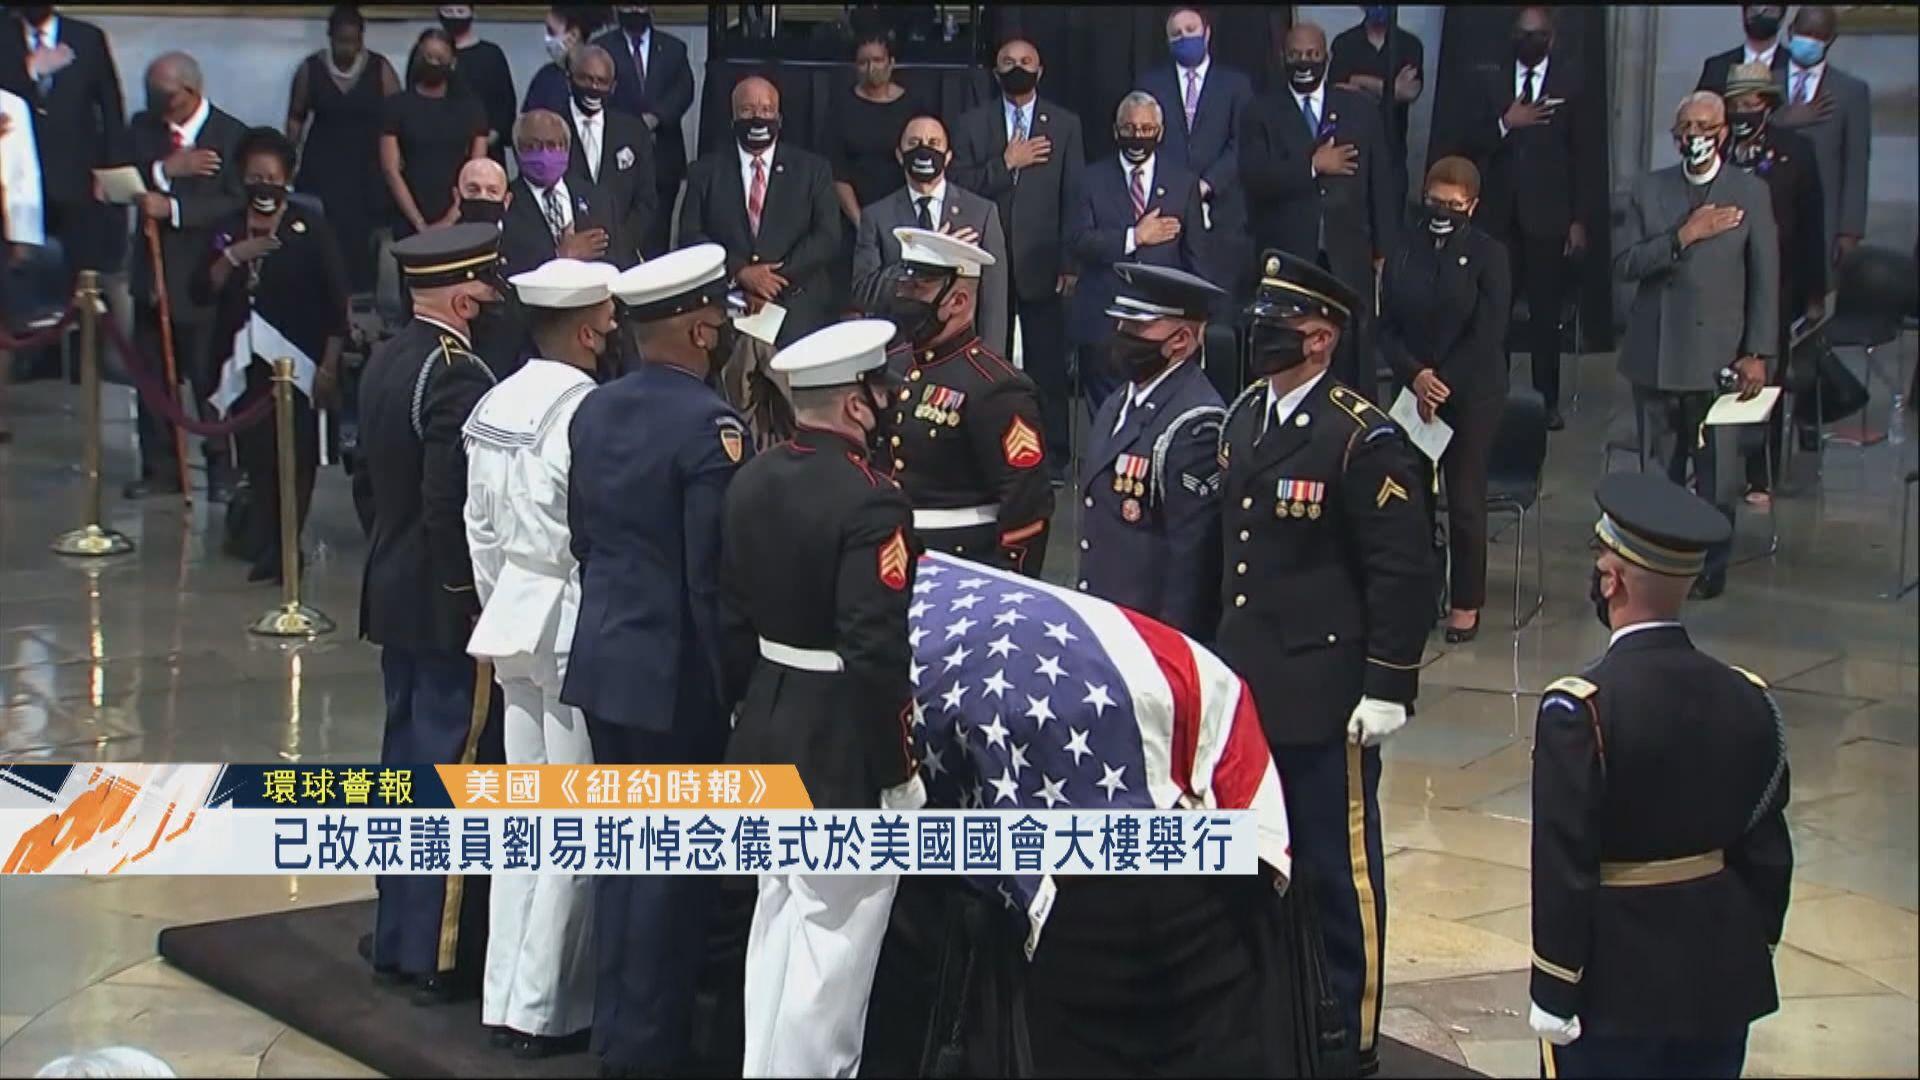 【環球薈報】已故眾議員劉易斯悼念儀式於美國國會大樓舉行